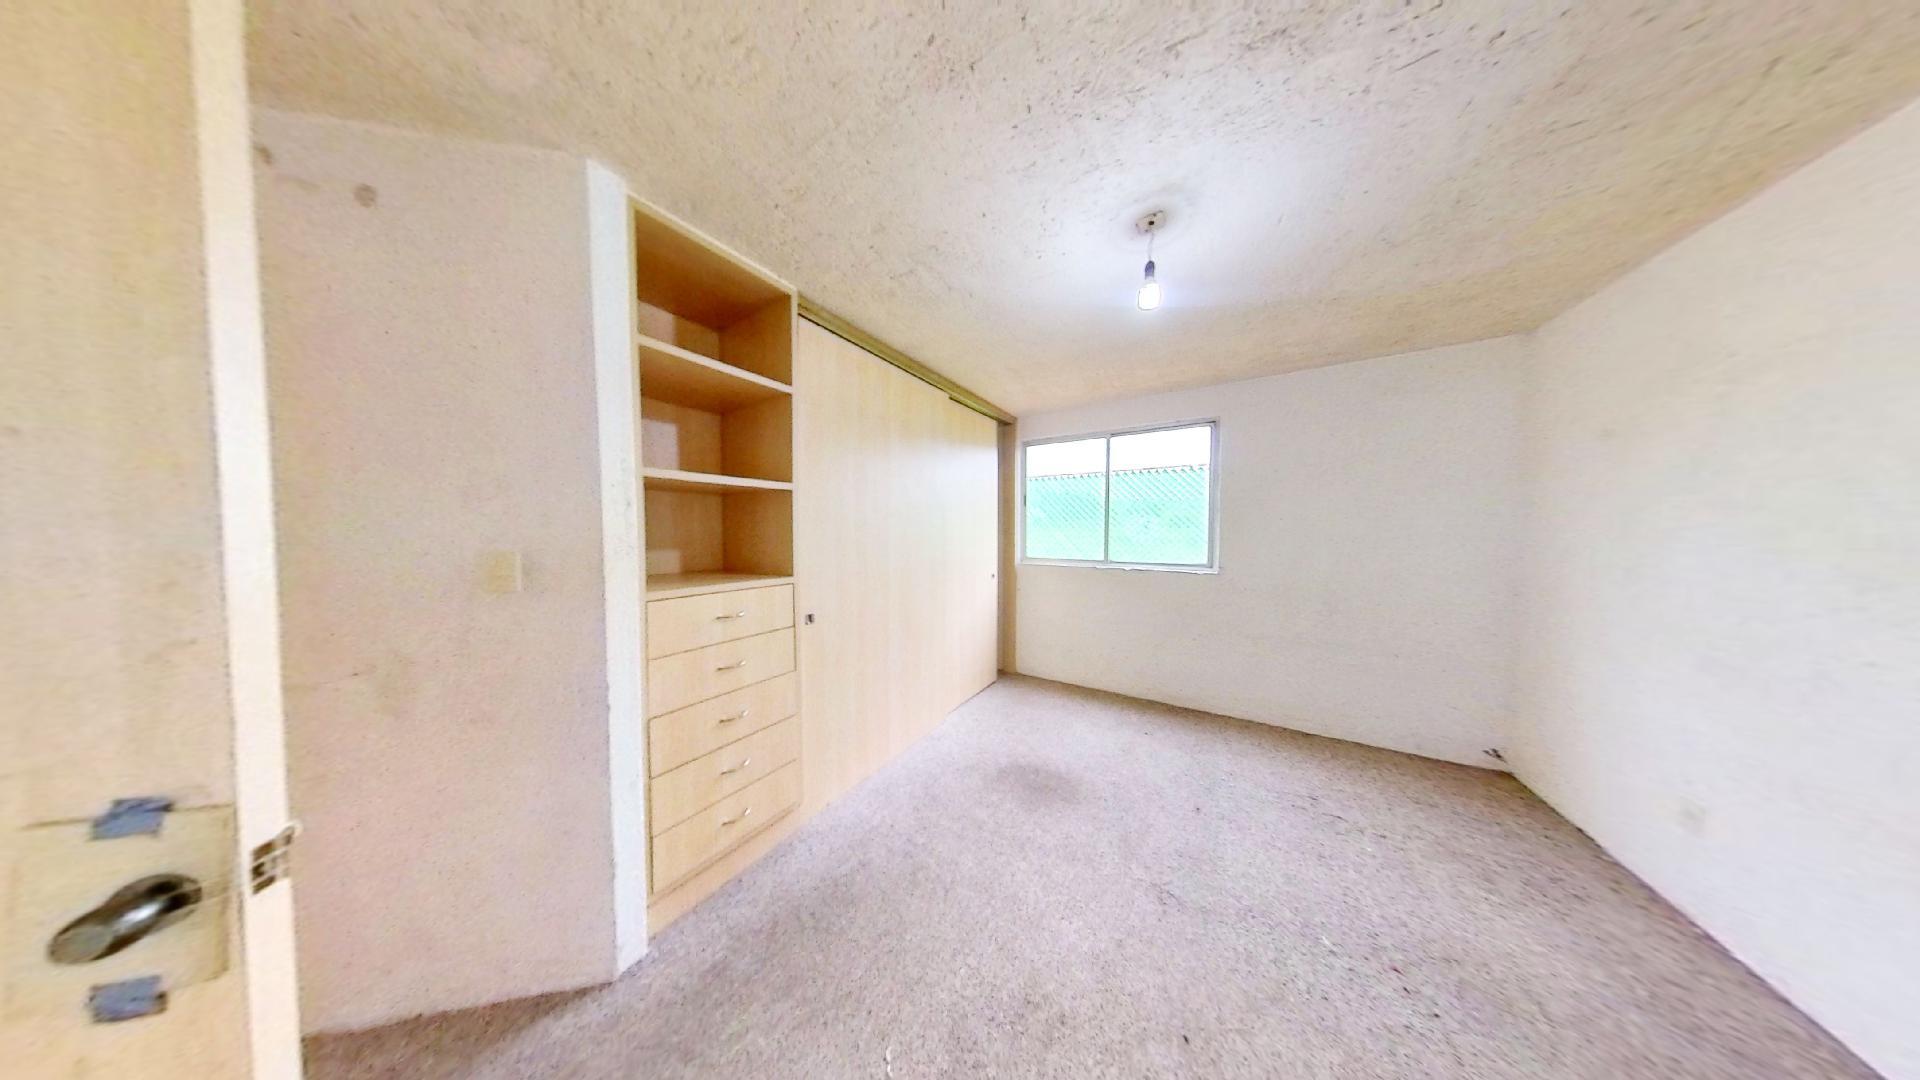 Casa en venta de 3 recámaras en Condominio Los Fresnos, Naucalpan de Juárez, entre Lomas Verdes y Jardines de San Mateo, EDOMEX. Recámara 2